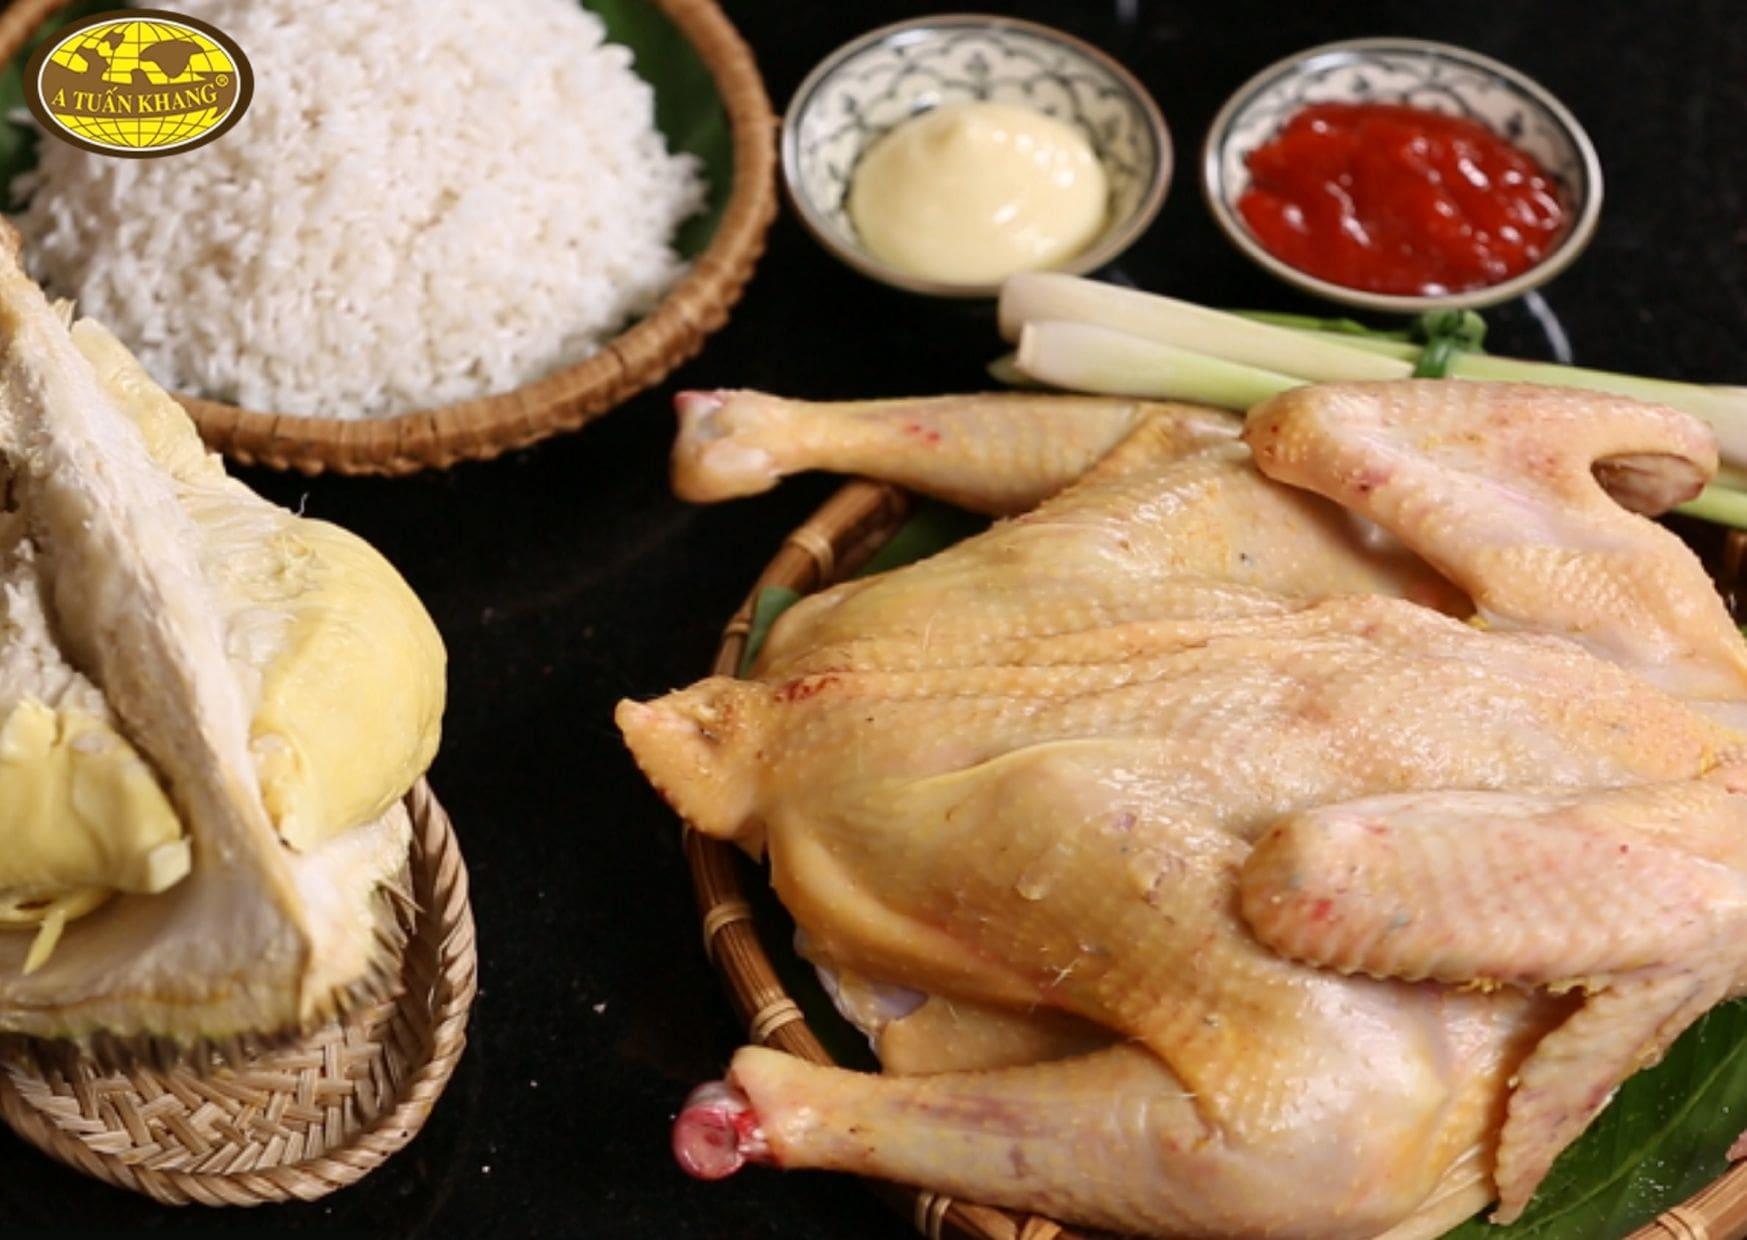 nguyên liệu ướp gia vị gà nướng - A TUẤN KHANG